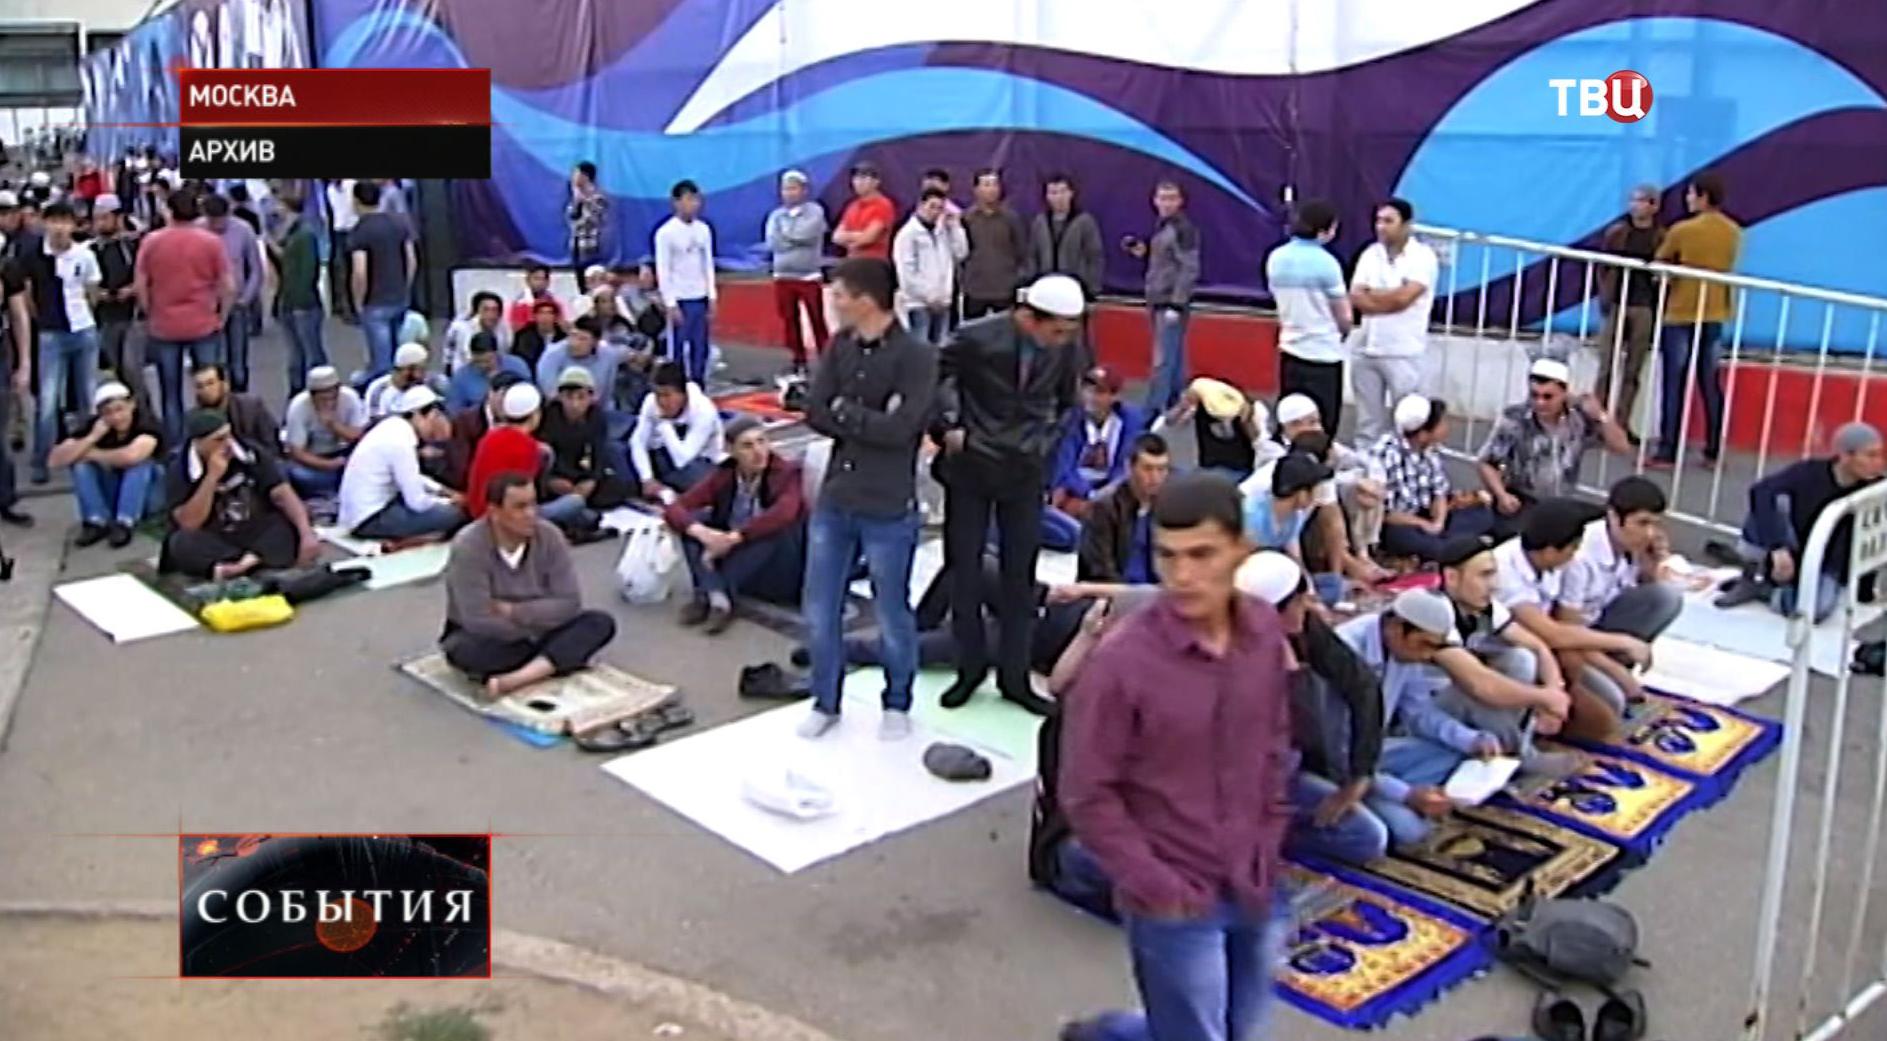 Мусульмане празднуют Ураза-байрам